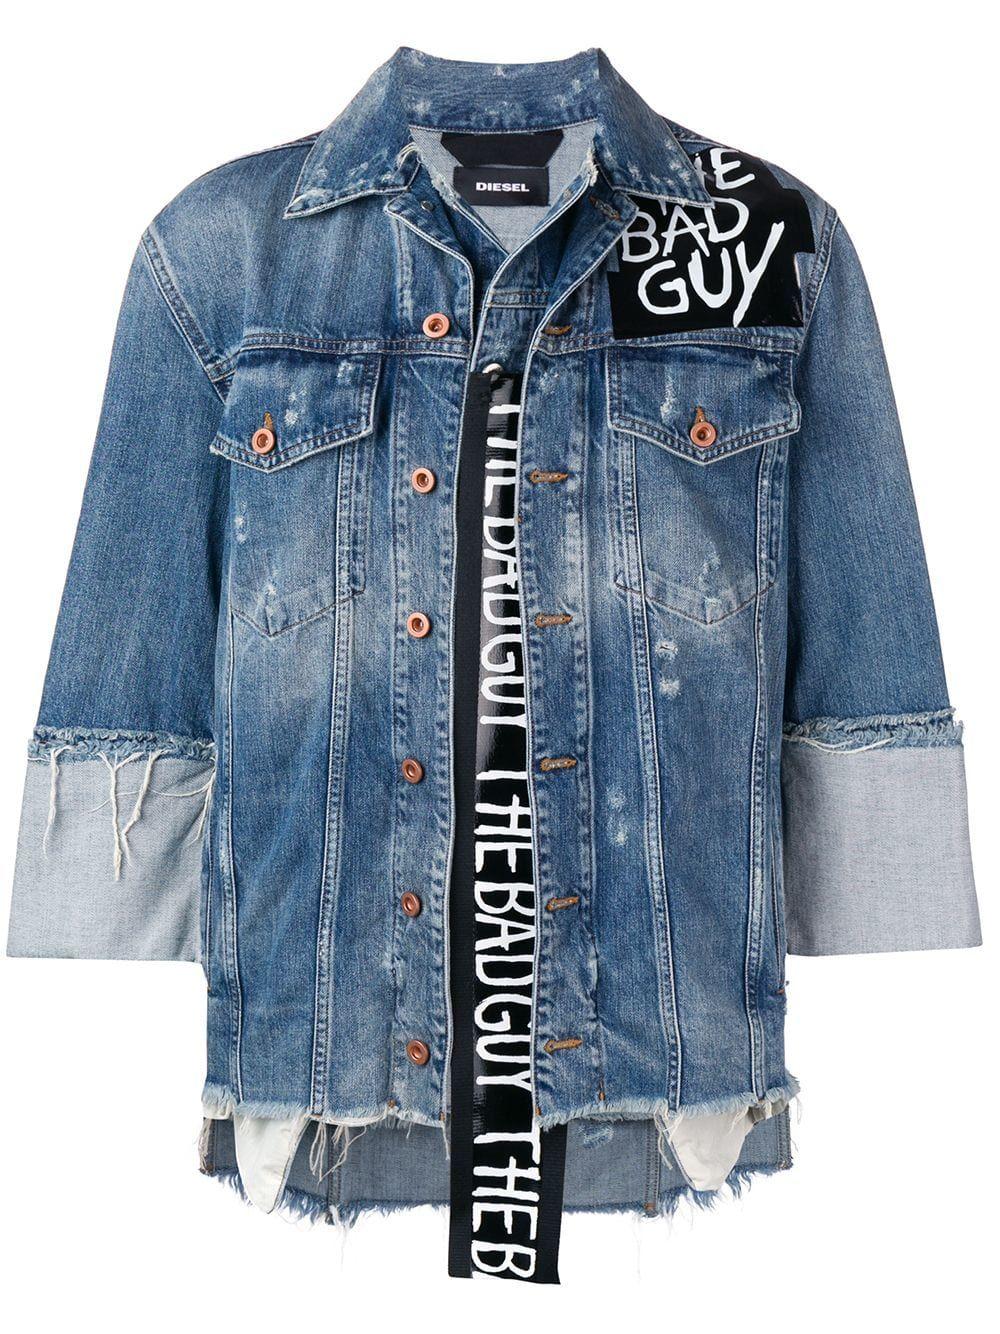 a3b15192 DIESEL DIESEL BAD GUY DENIM JACKET - BLUE. #diesel #cloth | Diesel ...